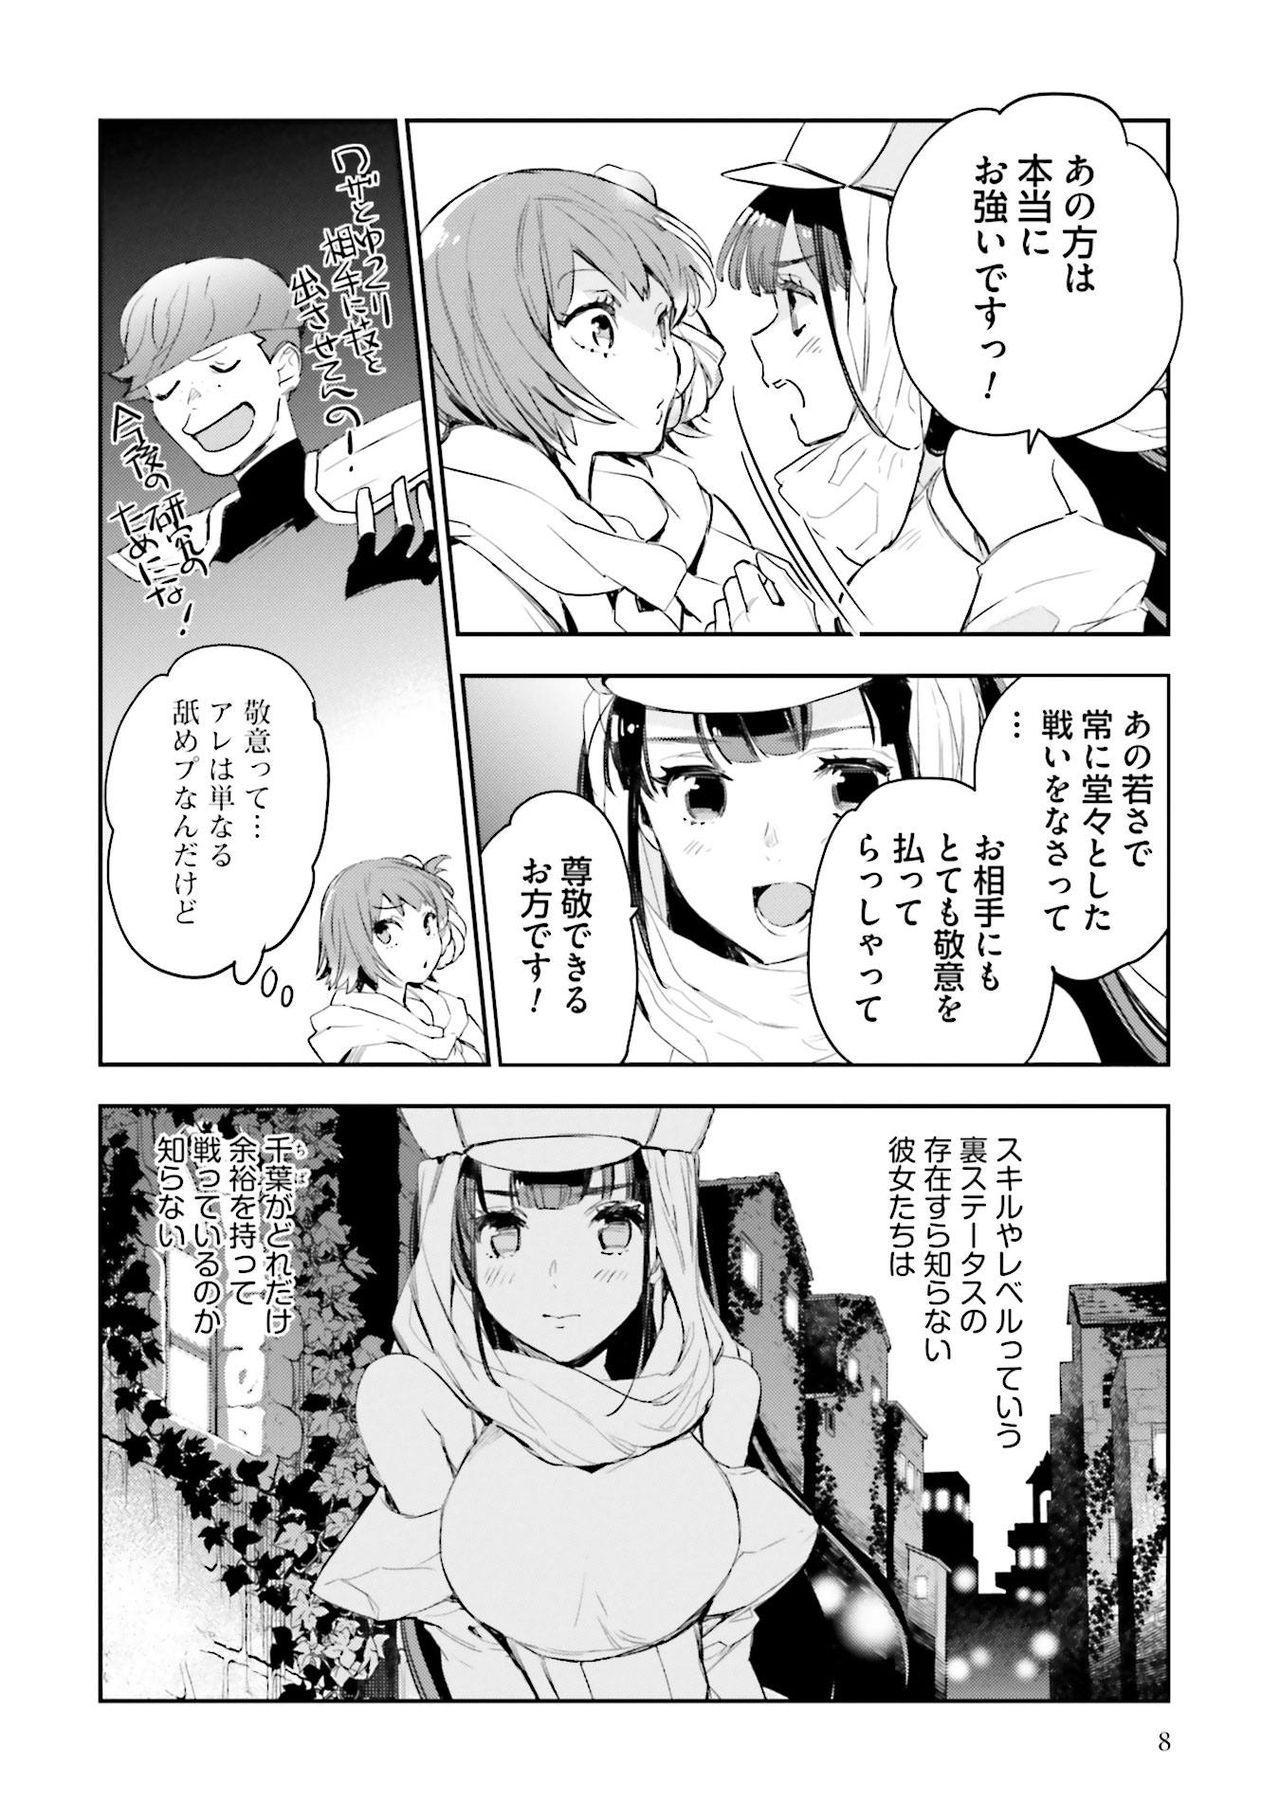 JK Haru wa Isekai de Shoufu ni Natta 1-14 196